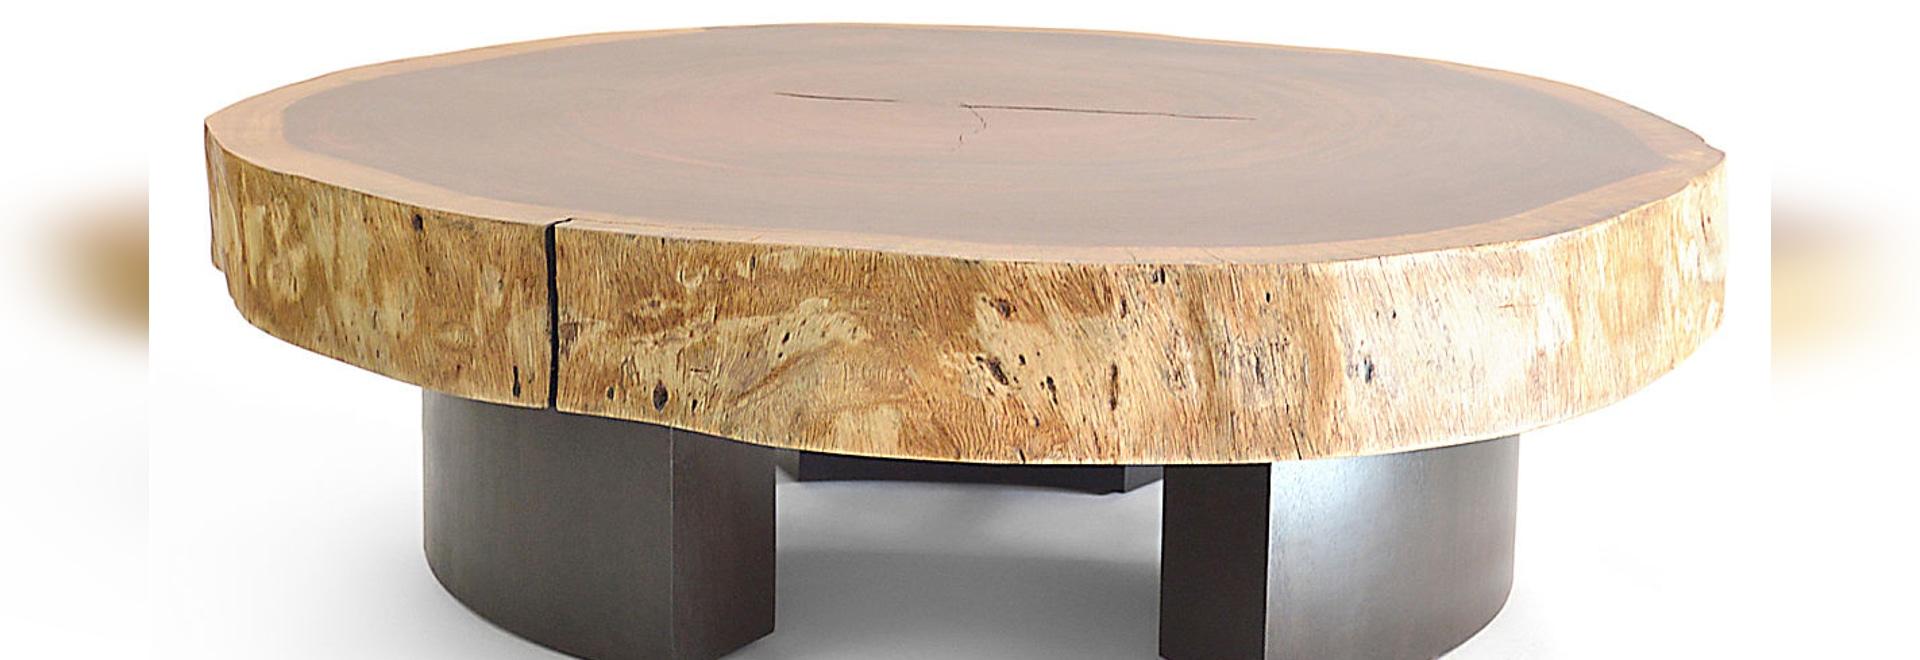 Stunning Tavolini Salotto Legno Images - Ameripest.us - ameripest.us